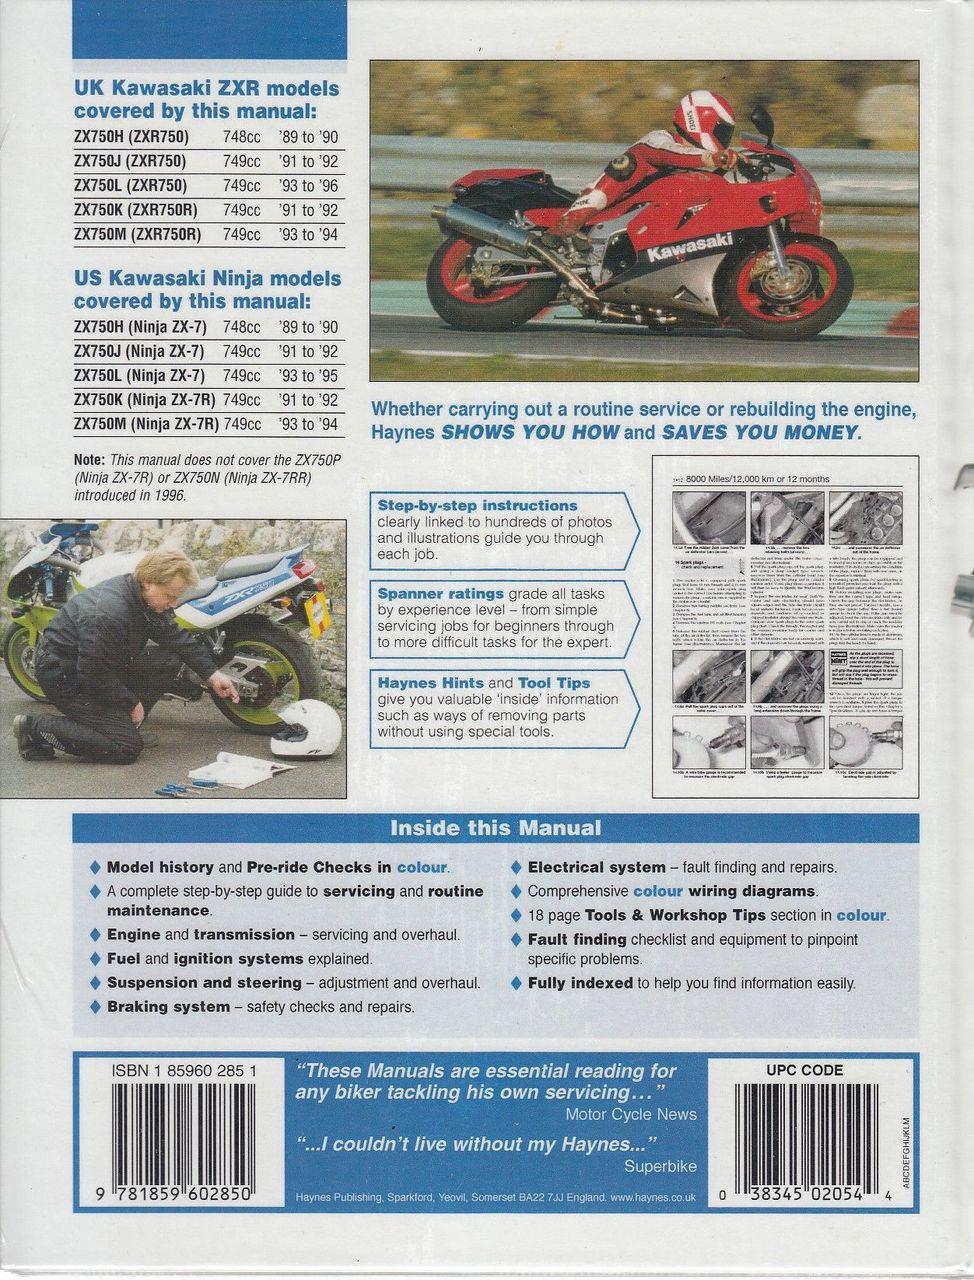 ... Kawasaki ZX750 (Ninja ZX-7 and ZXR750) Fours 1989 - 1996 Workshop Manual